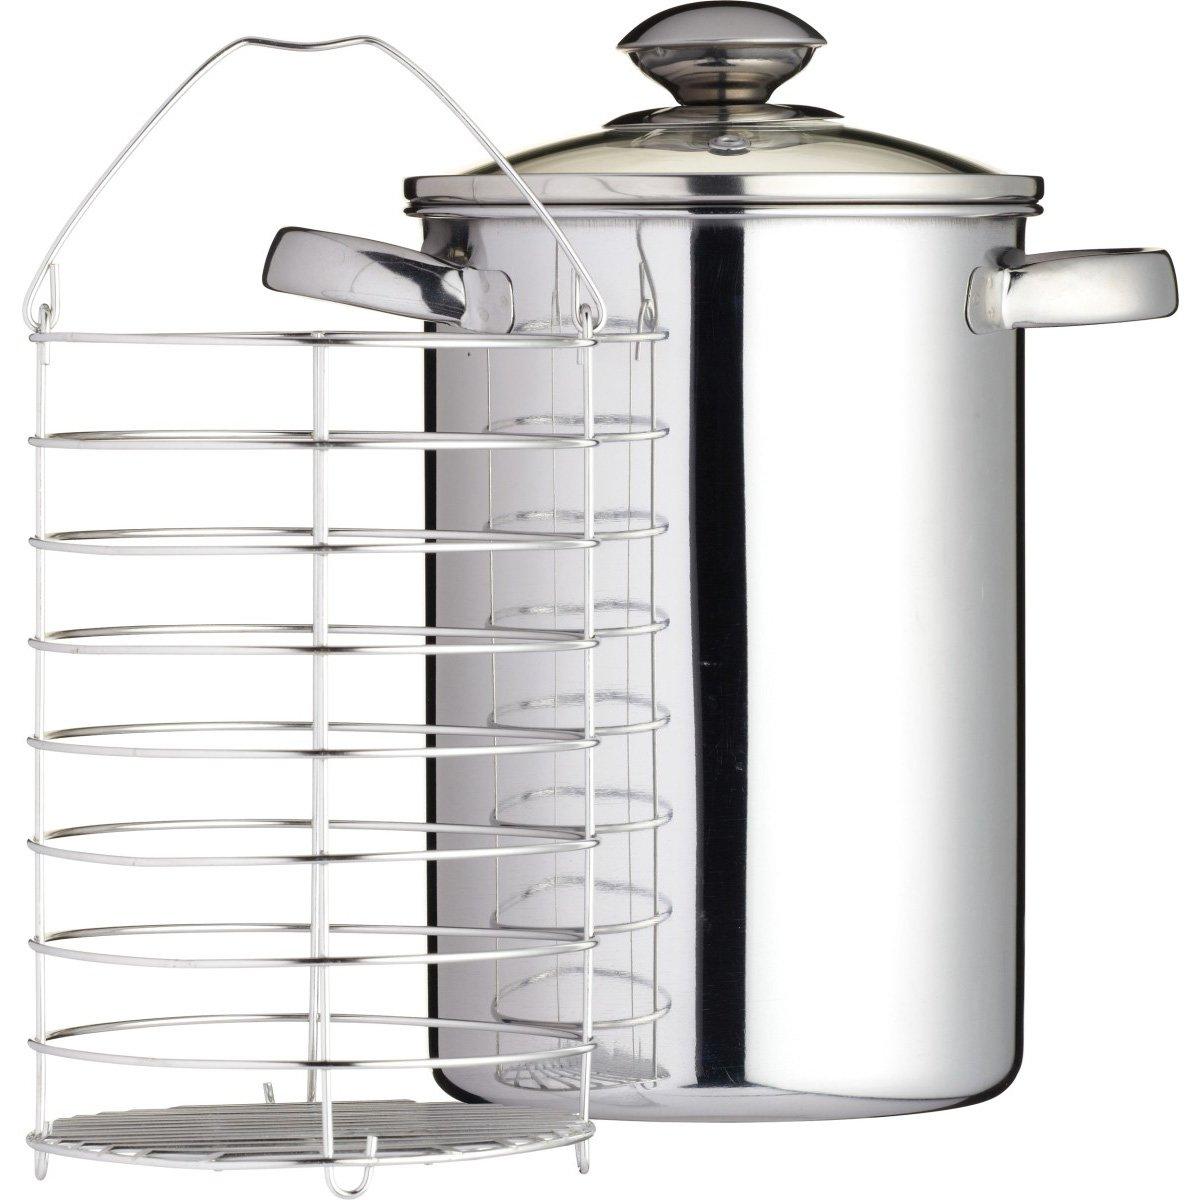 KitchenCraft Induction-Safe Stainless Steel Asparagus Steamer Pan Kitchen Craft KCCVASP2